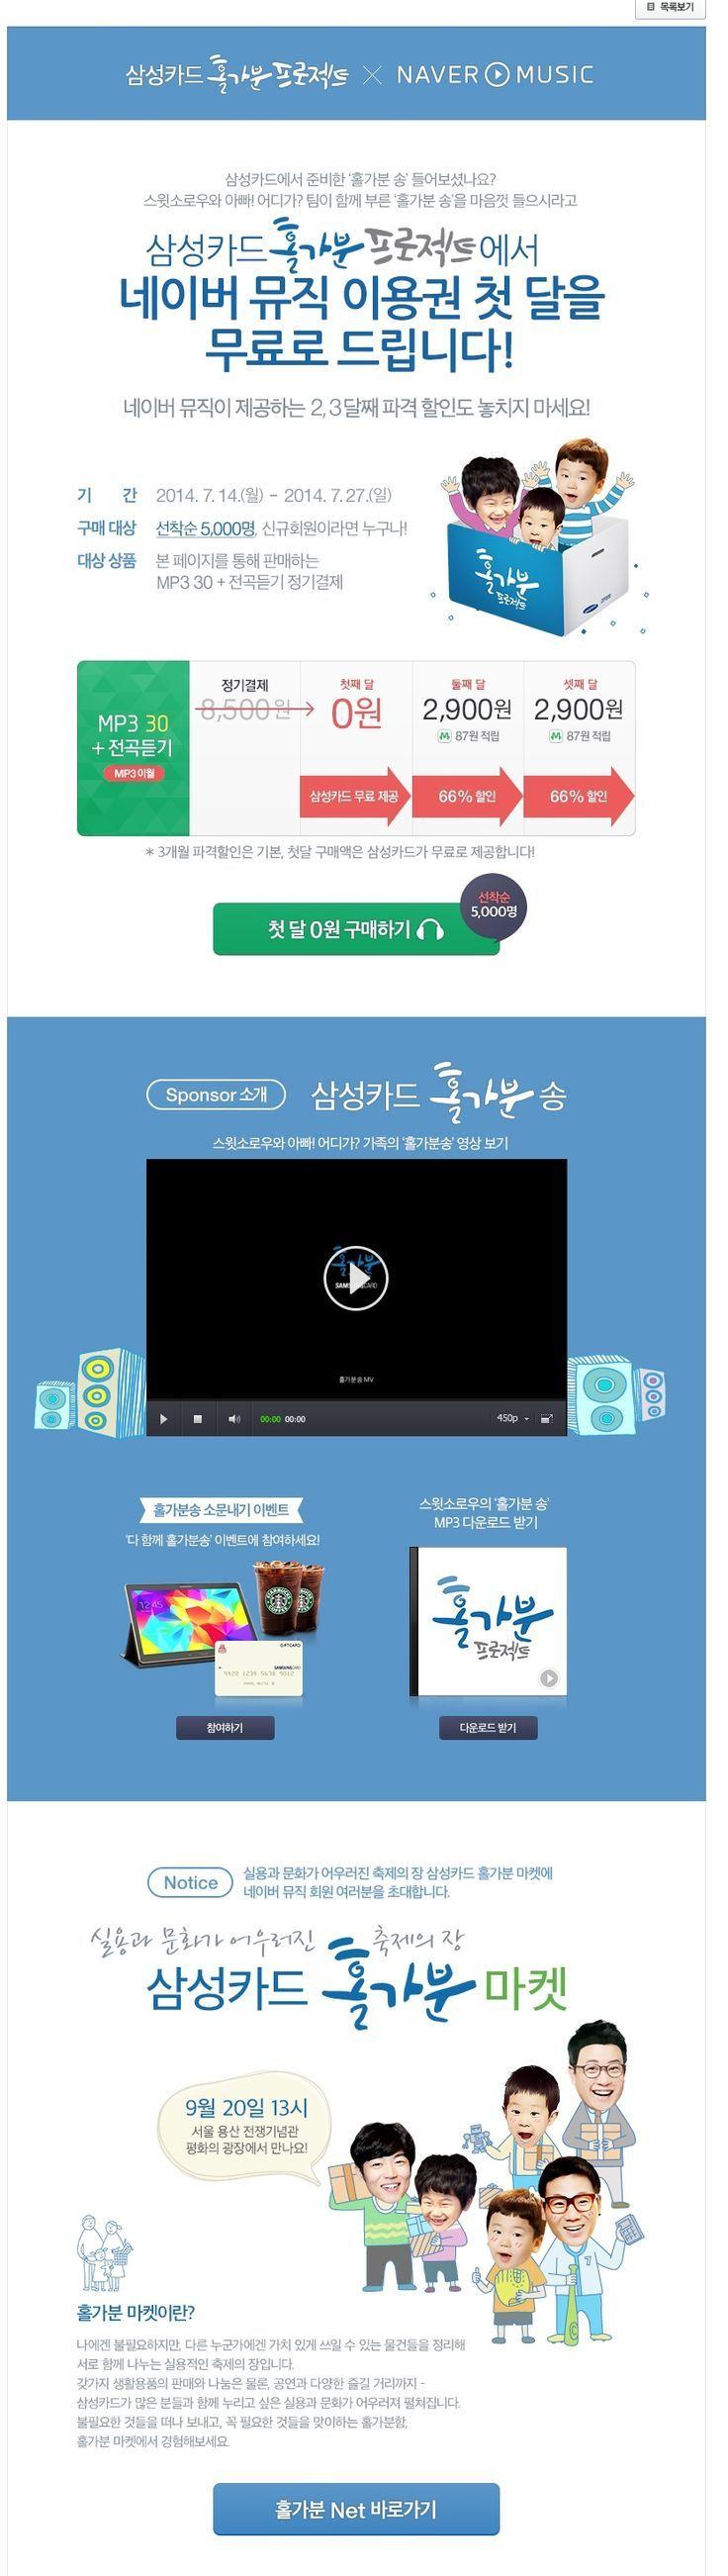 [삼성카드X네이버뮤직] 홀가분 프로젝트에서 뉴이버 뮤직 이용권 첫 달을 무료로 드립니다!